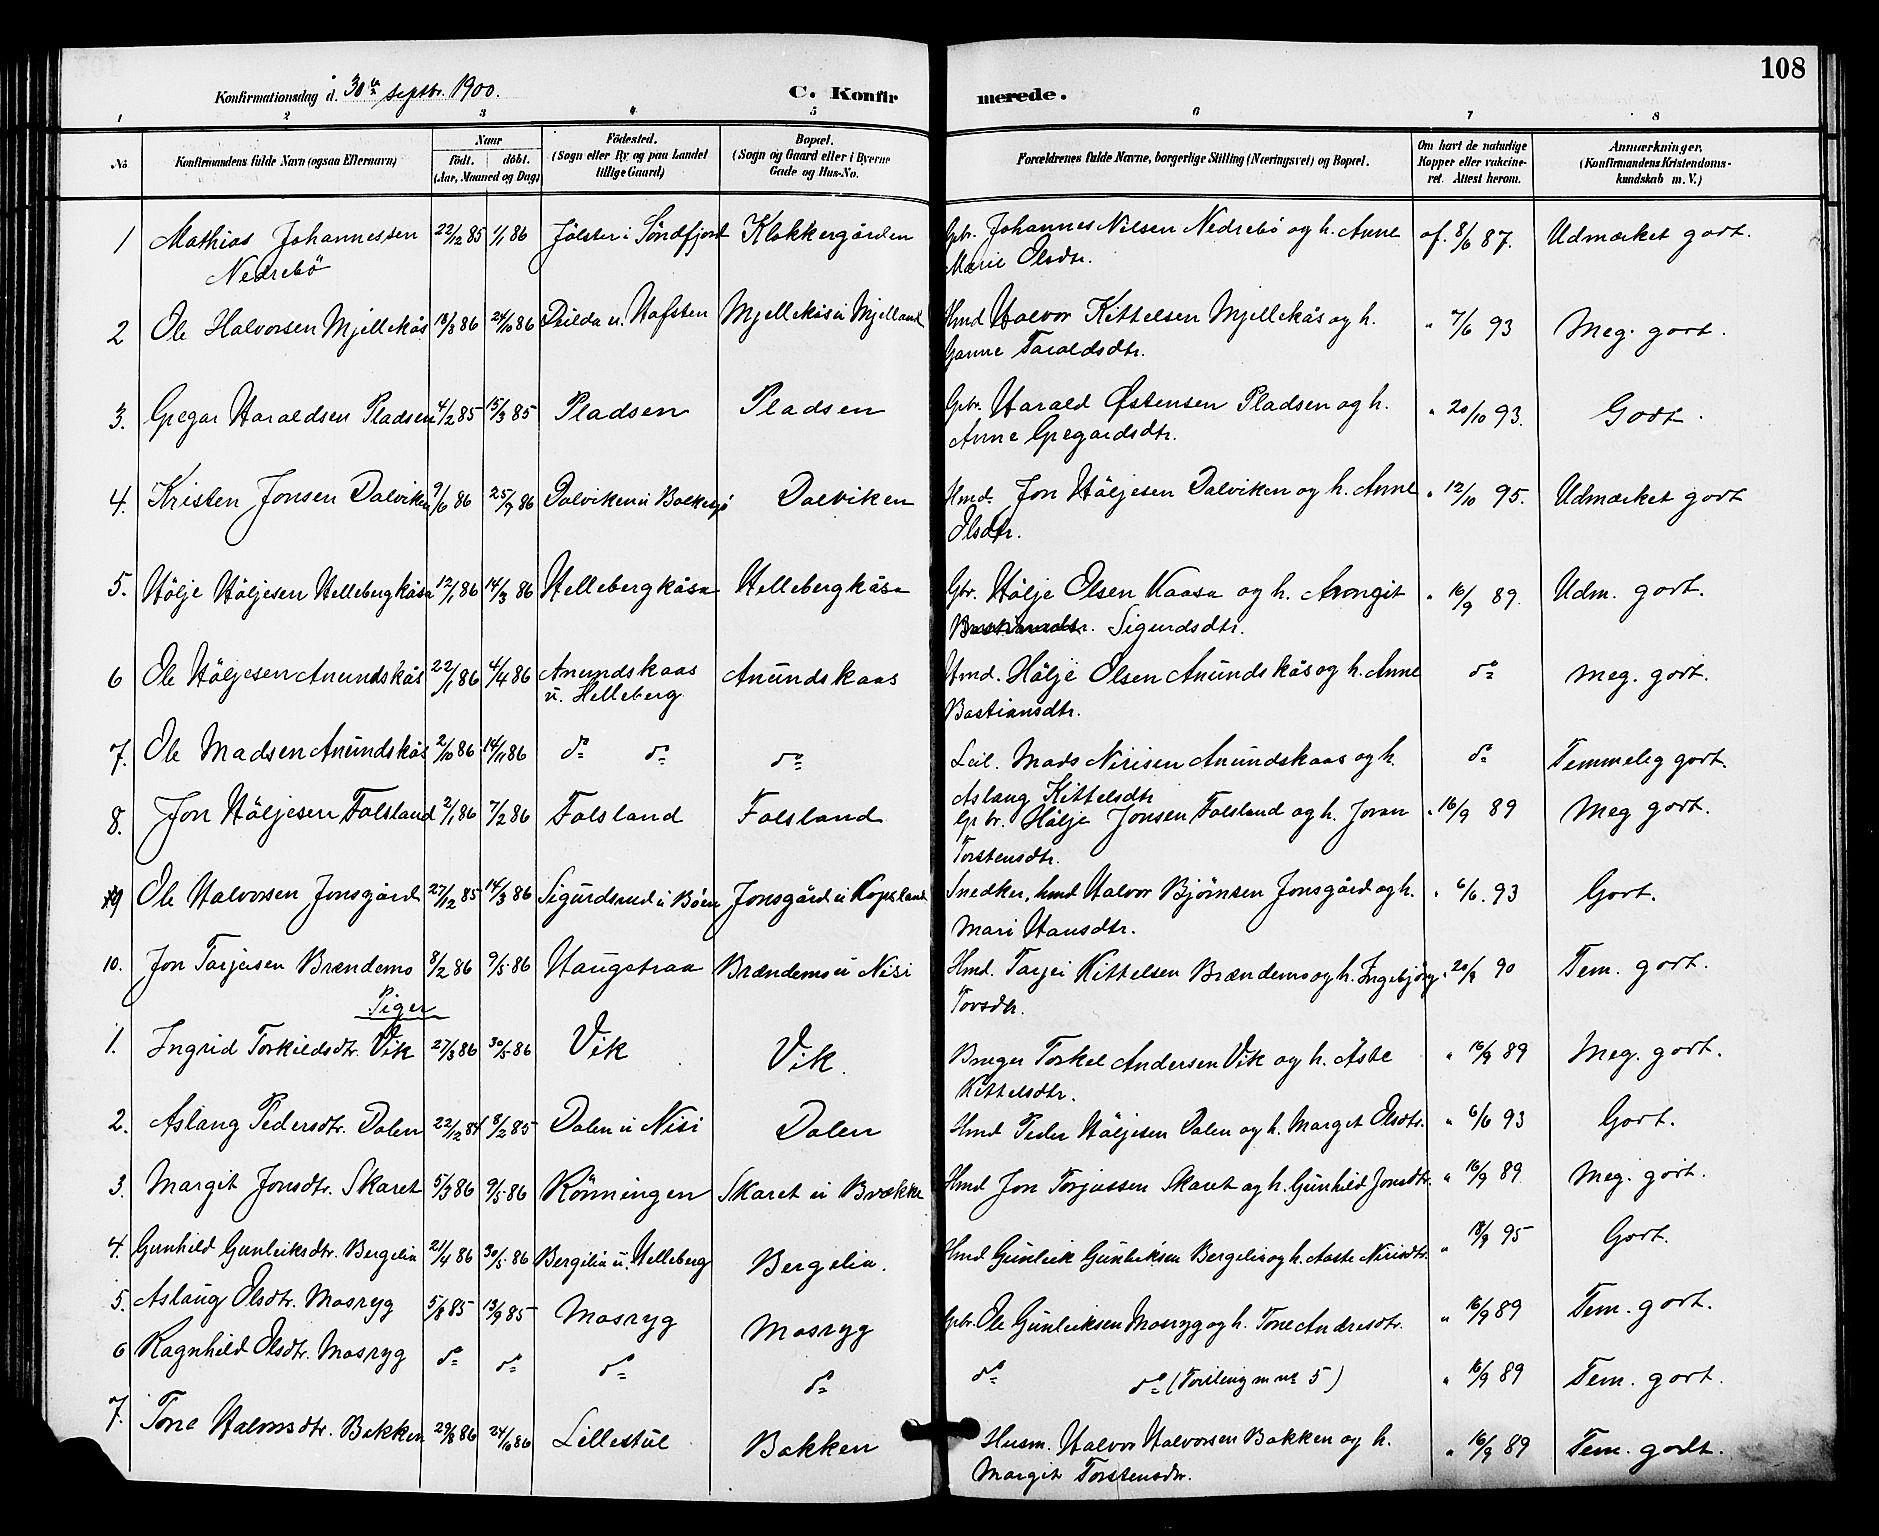 SAKO, Gransherad kirkebøker, G/Ga/L0003: Klokkerbok nr. I 3, 1887-1915, s. 108